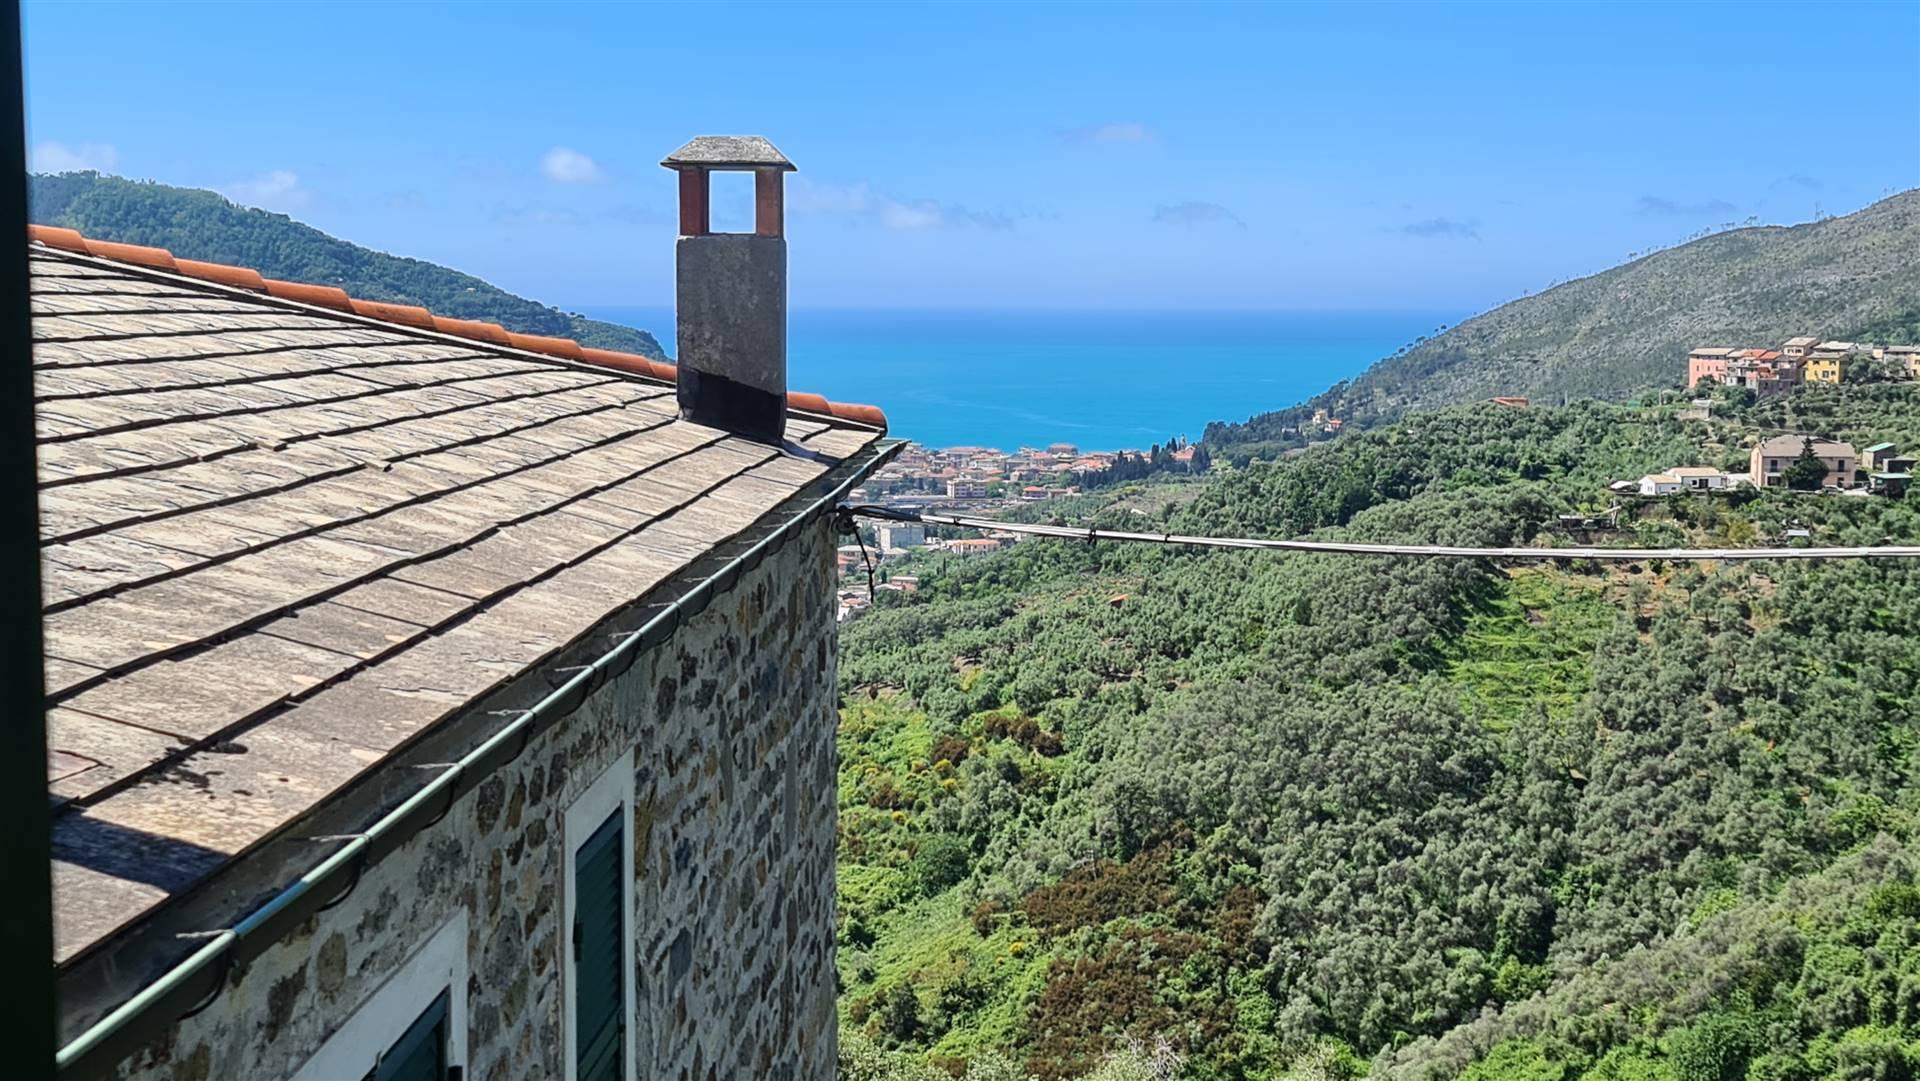 Appartamento in vendita a Levanto, 4 locali, zona ana, prezzo € 129.000   PortaleAgenzieImmobiliari.it